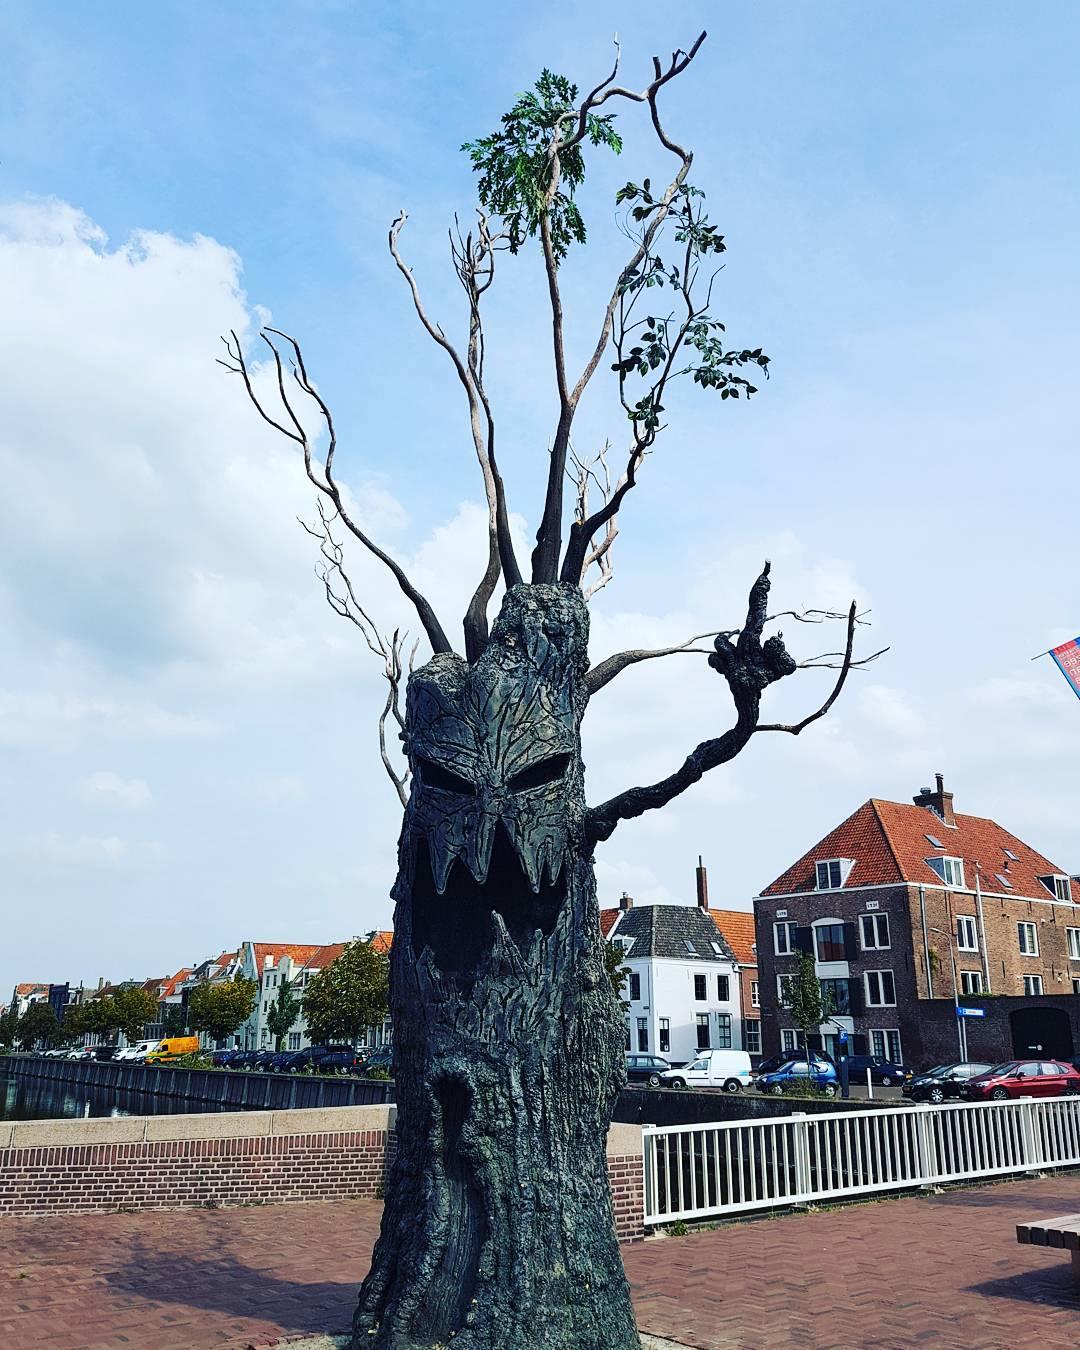 Mittelfinger in Middelburg